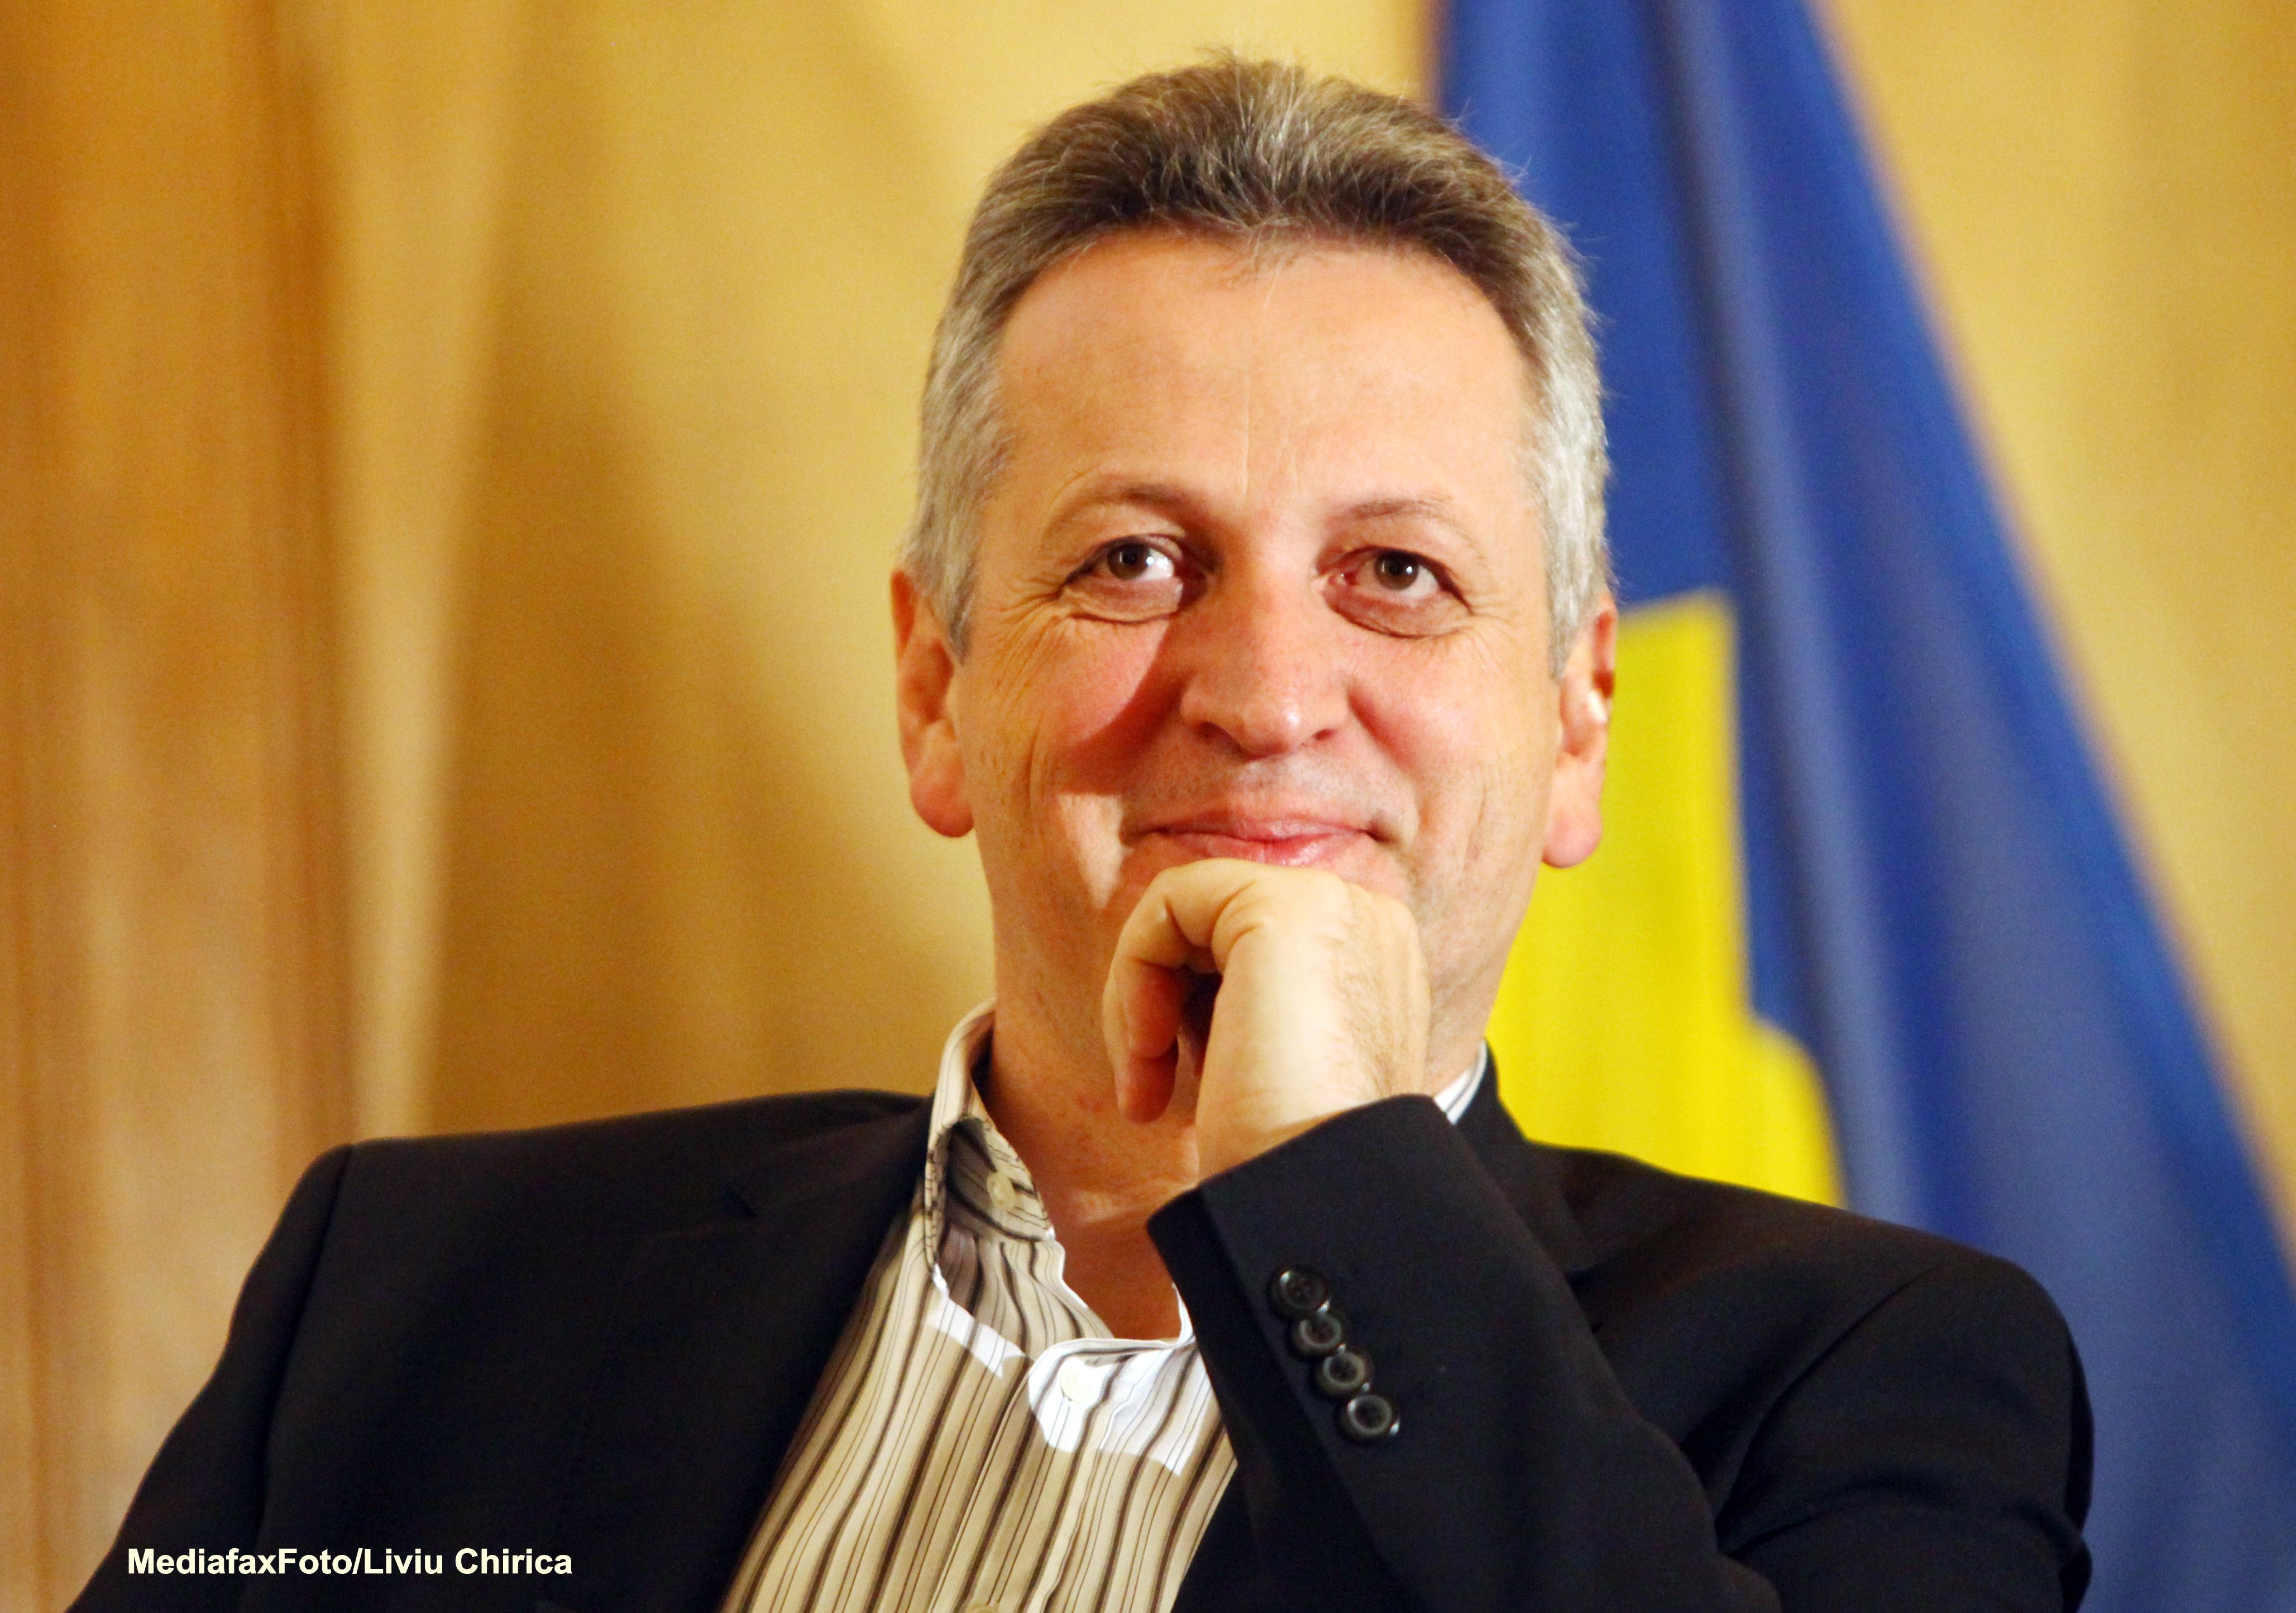 PDL vrea dezbaterea Raportului MCV in Parlament si demiterea ministrului Relu Fenechiu